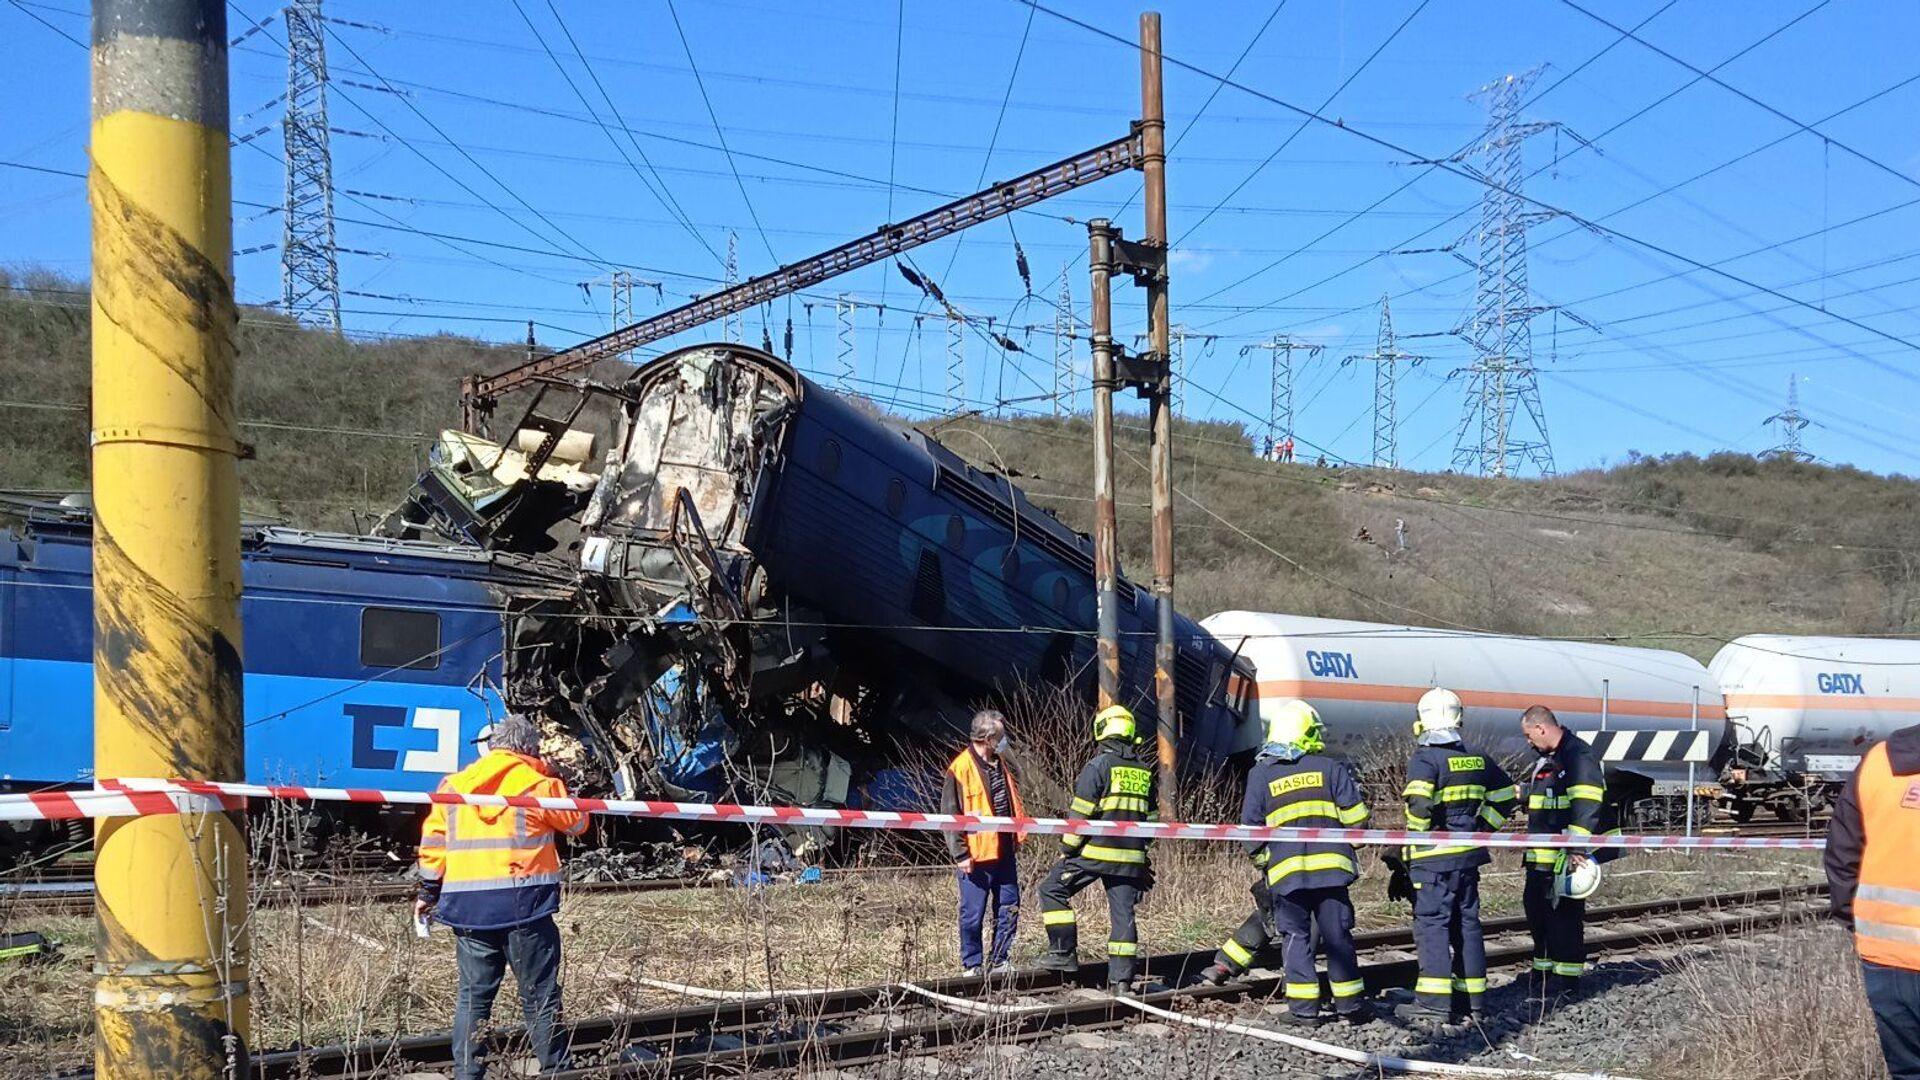 Srážka dvou nákladních vlaků u obce Světec, okres Teplice. - Sputnik Česká republika, 1920, 04.04.2021